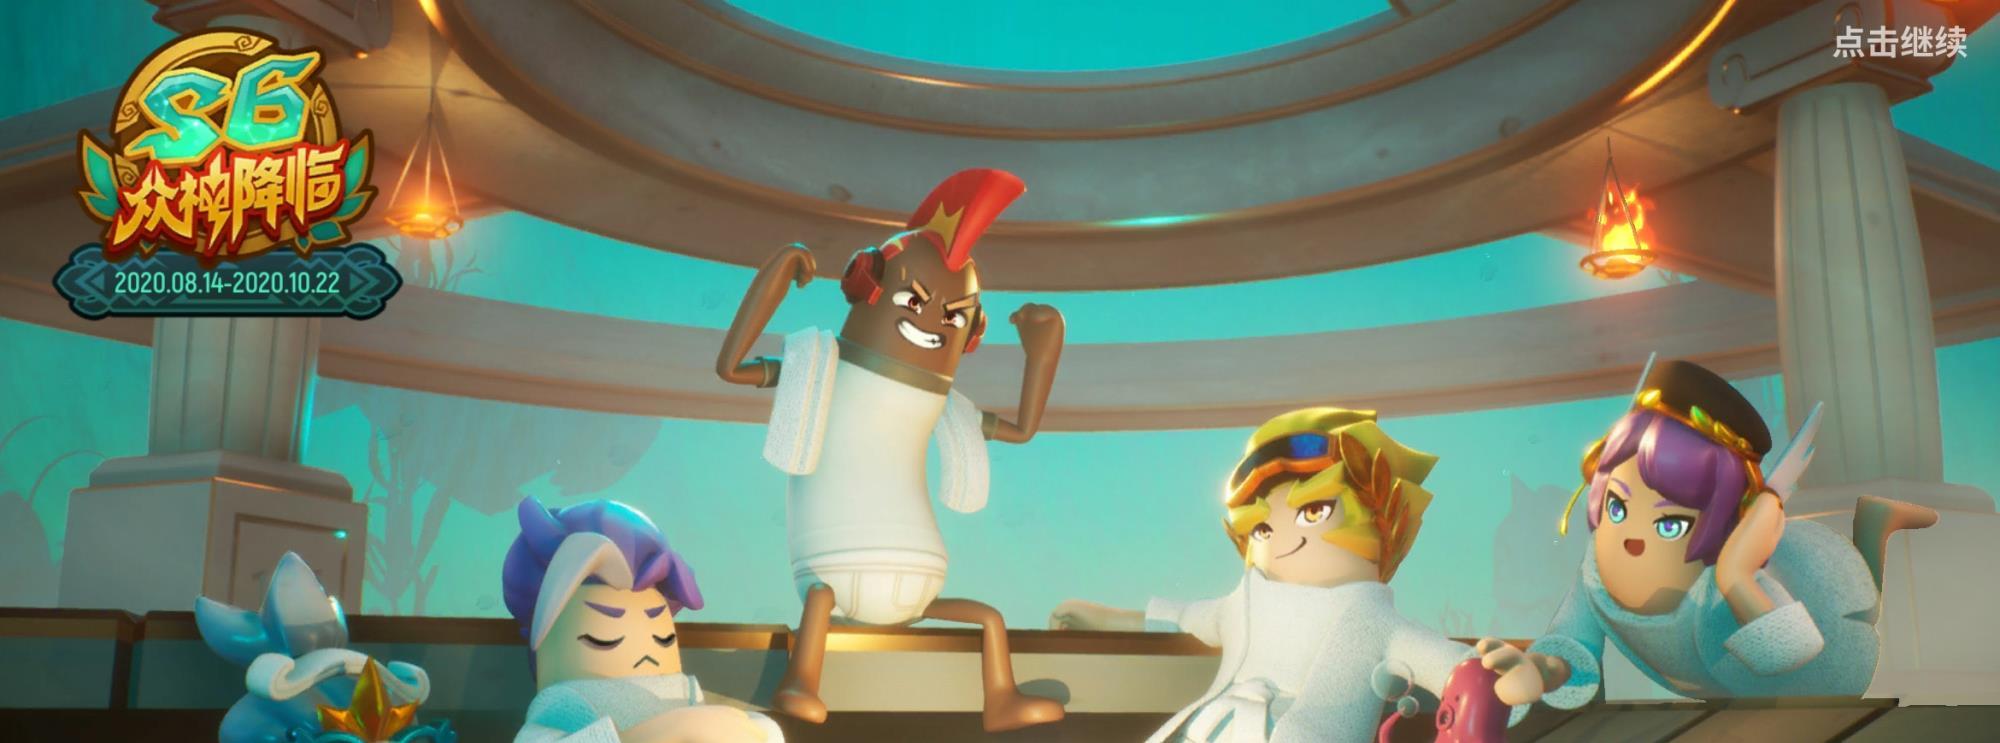 《【煜星娱乐登陆注册】《香肠派对》正式服更新,冥王卡隐藏彩蛋,连招技巧你学会了吗?》